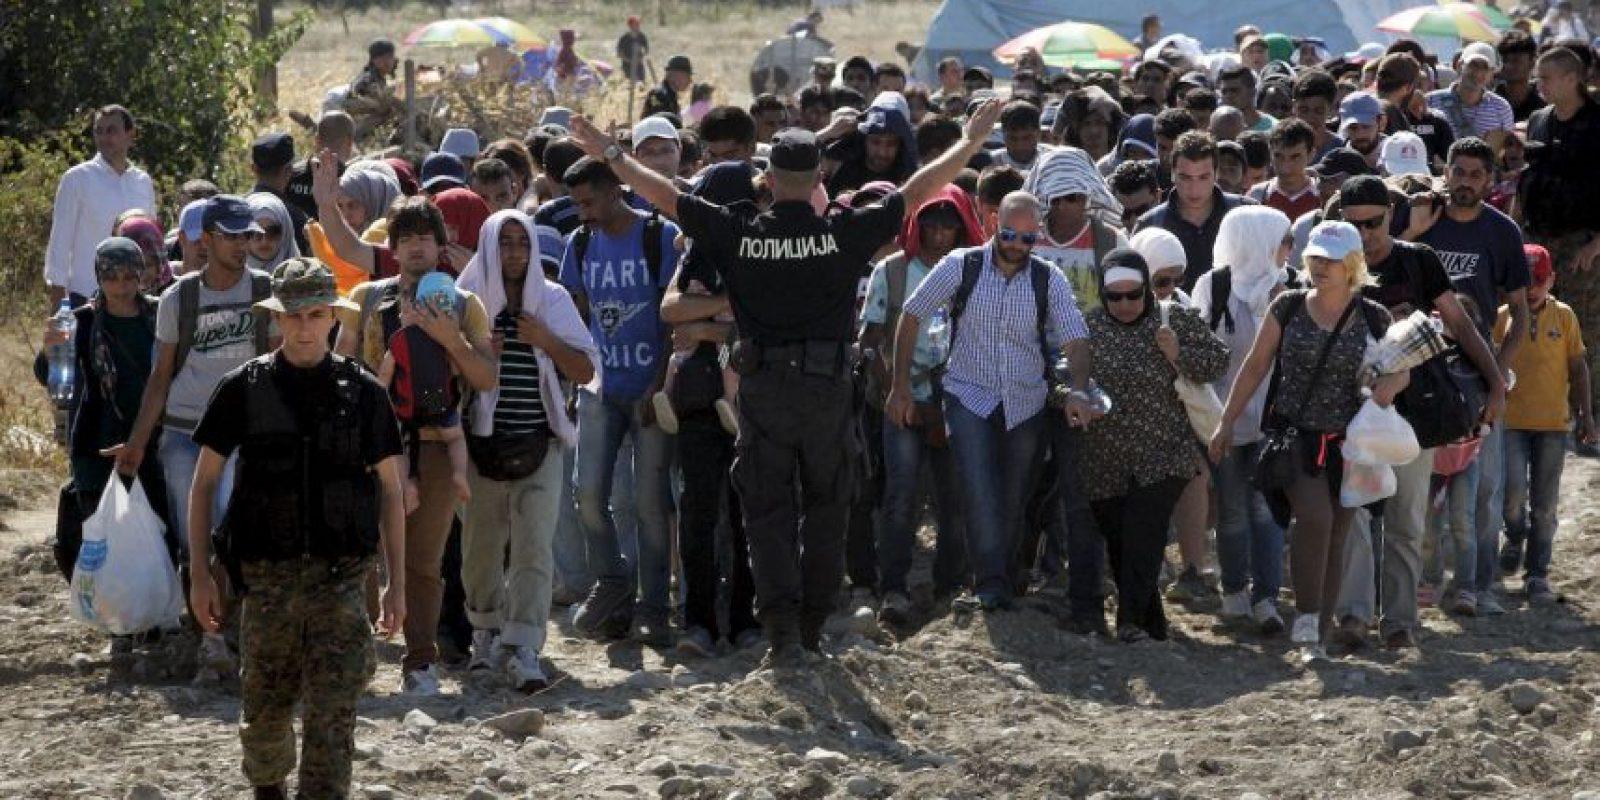 Asimismo, se indicó que todas las personas fueron rescatadas en buen estado de salud. Foto:Getty Images